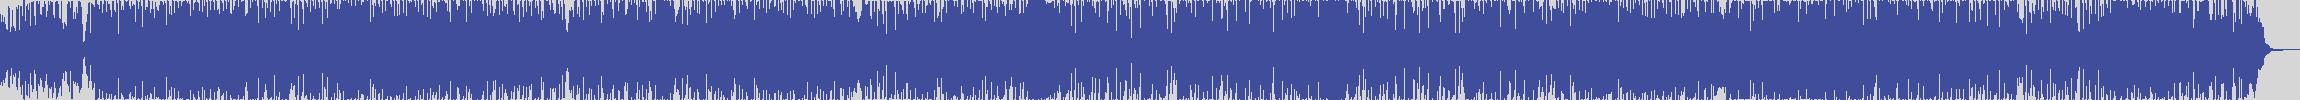 smilax_dig_records [SDR001] El Incontrolable - La Menorcita [Original Mix] audio wave form